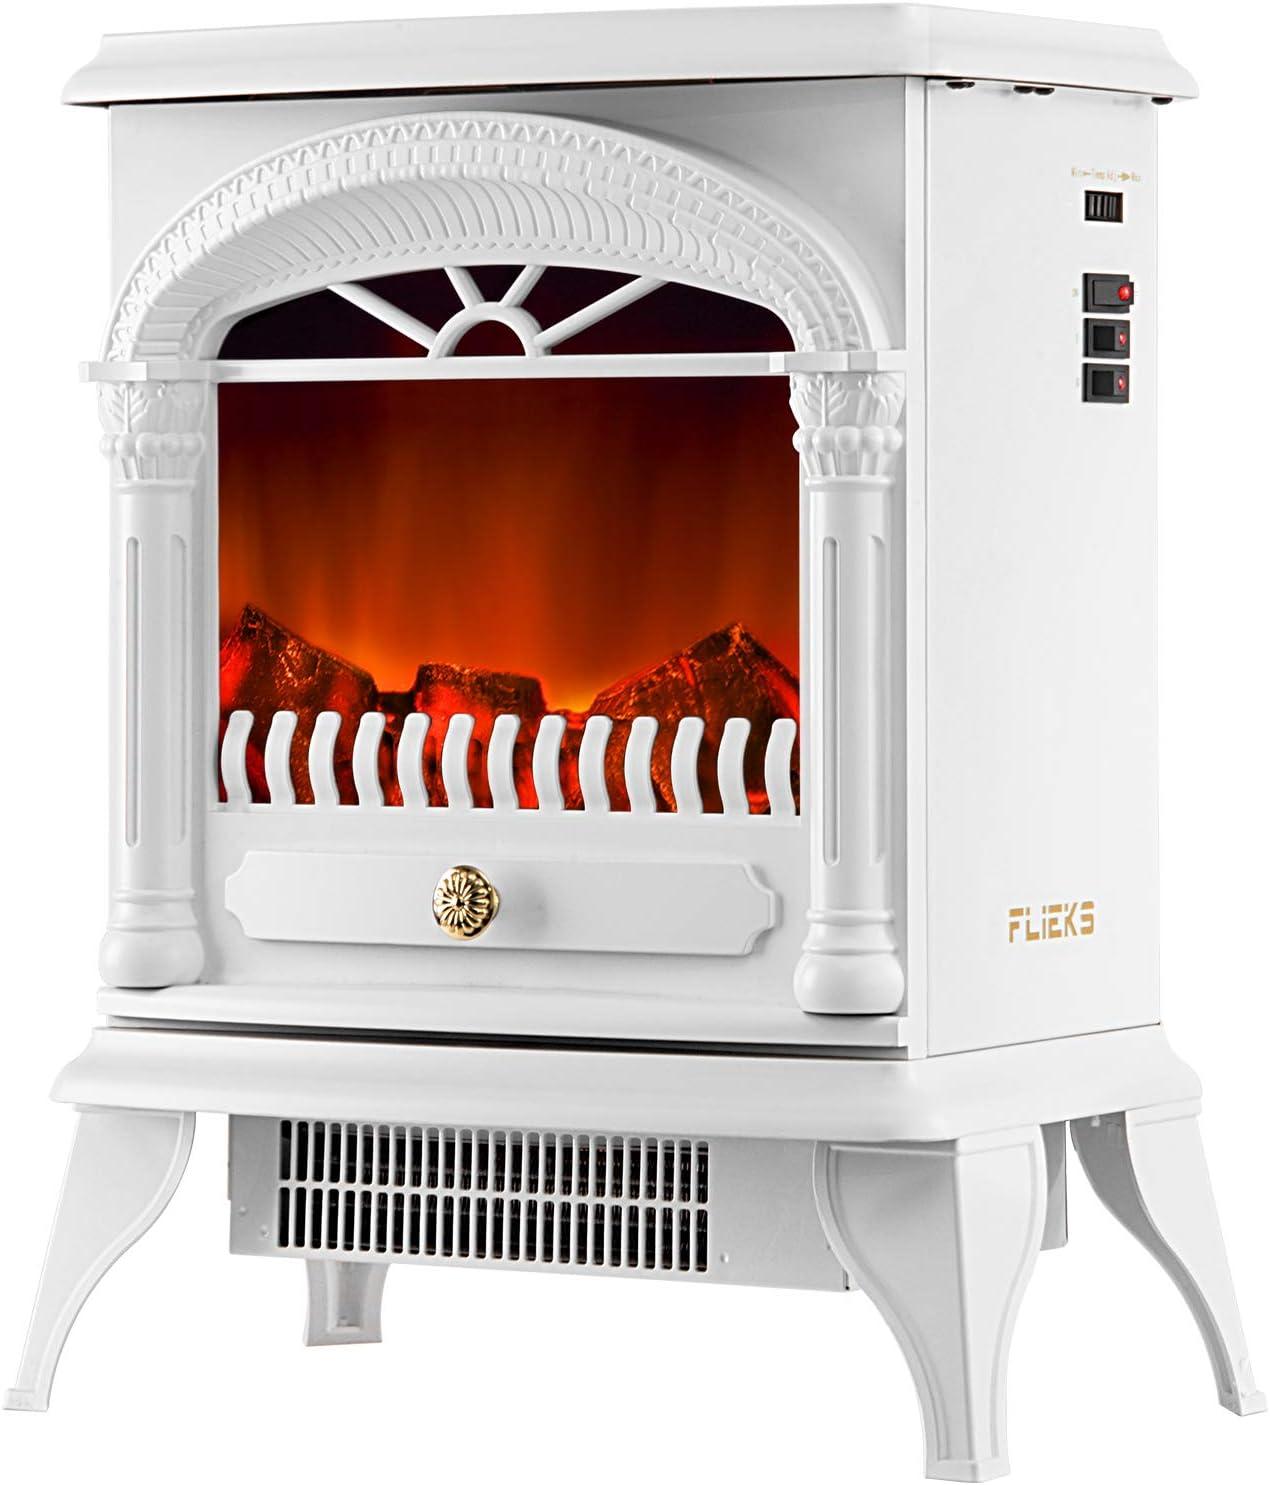 Elektrischer Kamin Elektrokamin Mit Heizlüfter Led Flammeneffekt 2 Heizstufe 3d Realistischer Feuer Kaminofen Elektrisch Freistehend Weiß Küche Haushalt